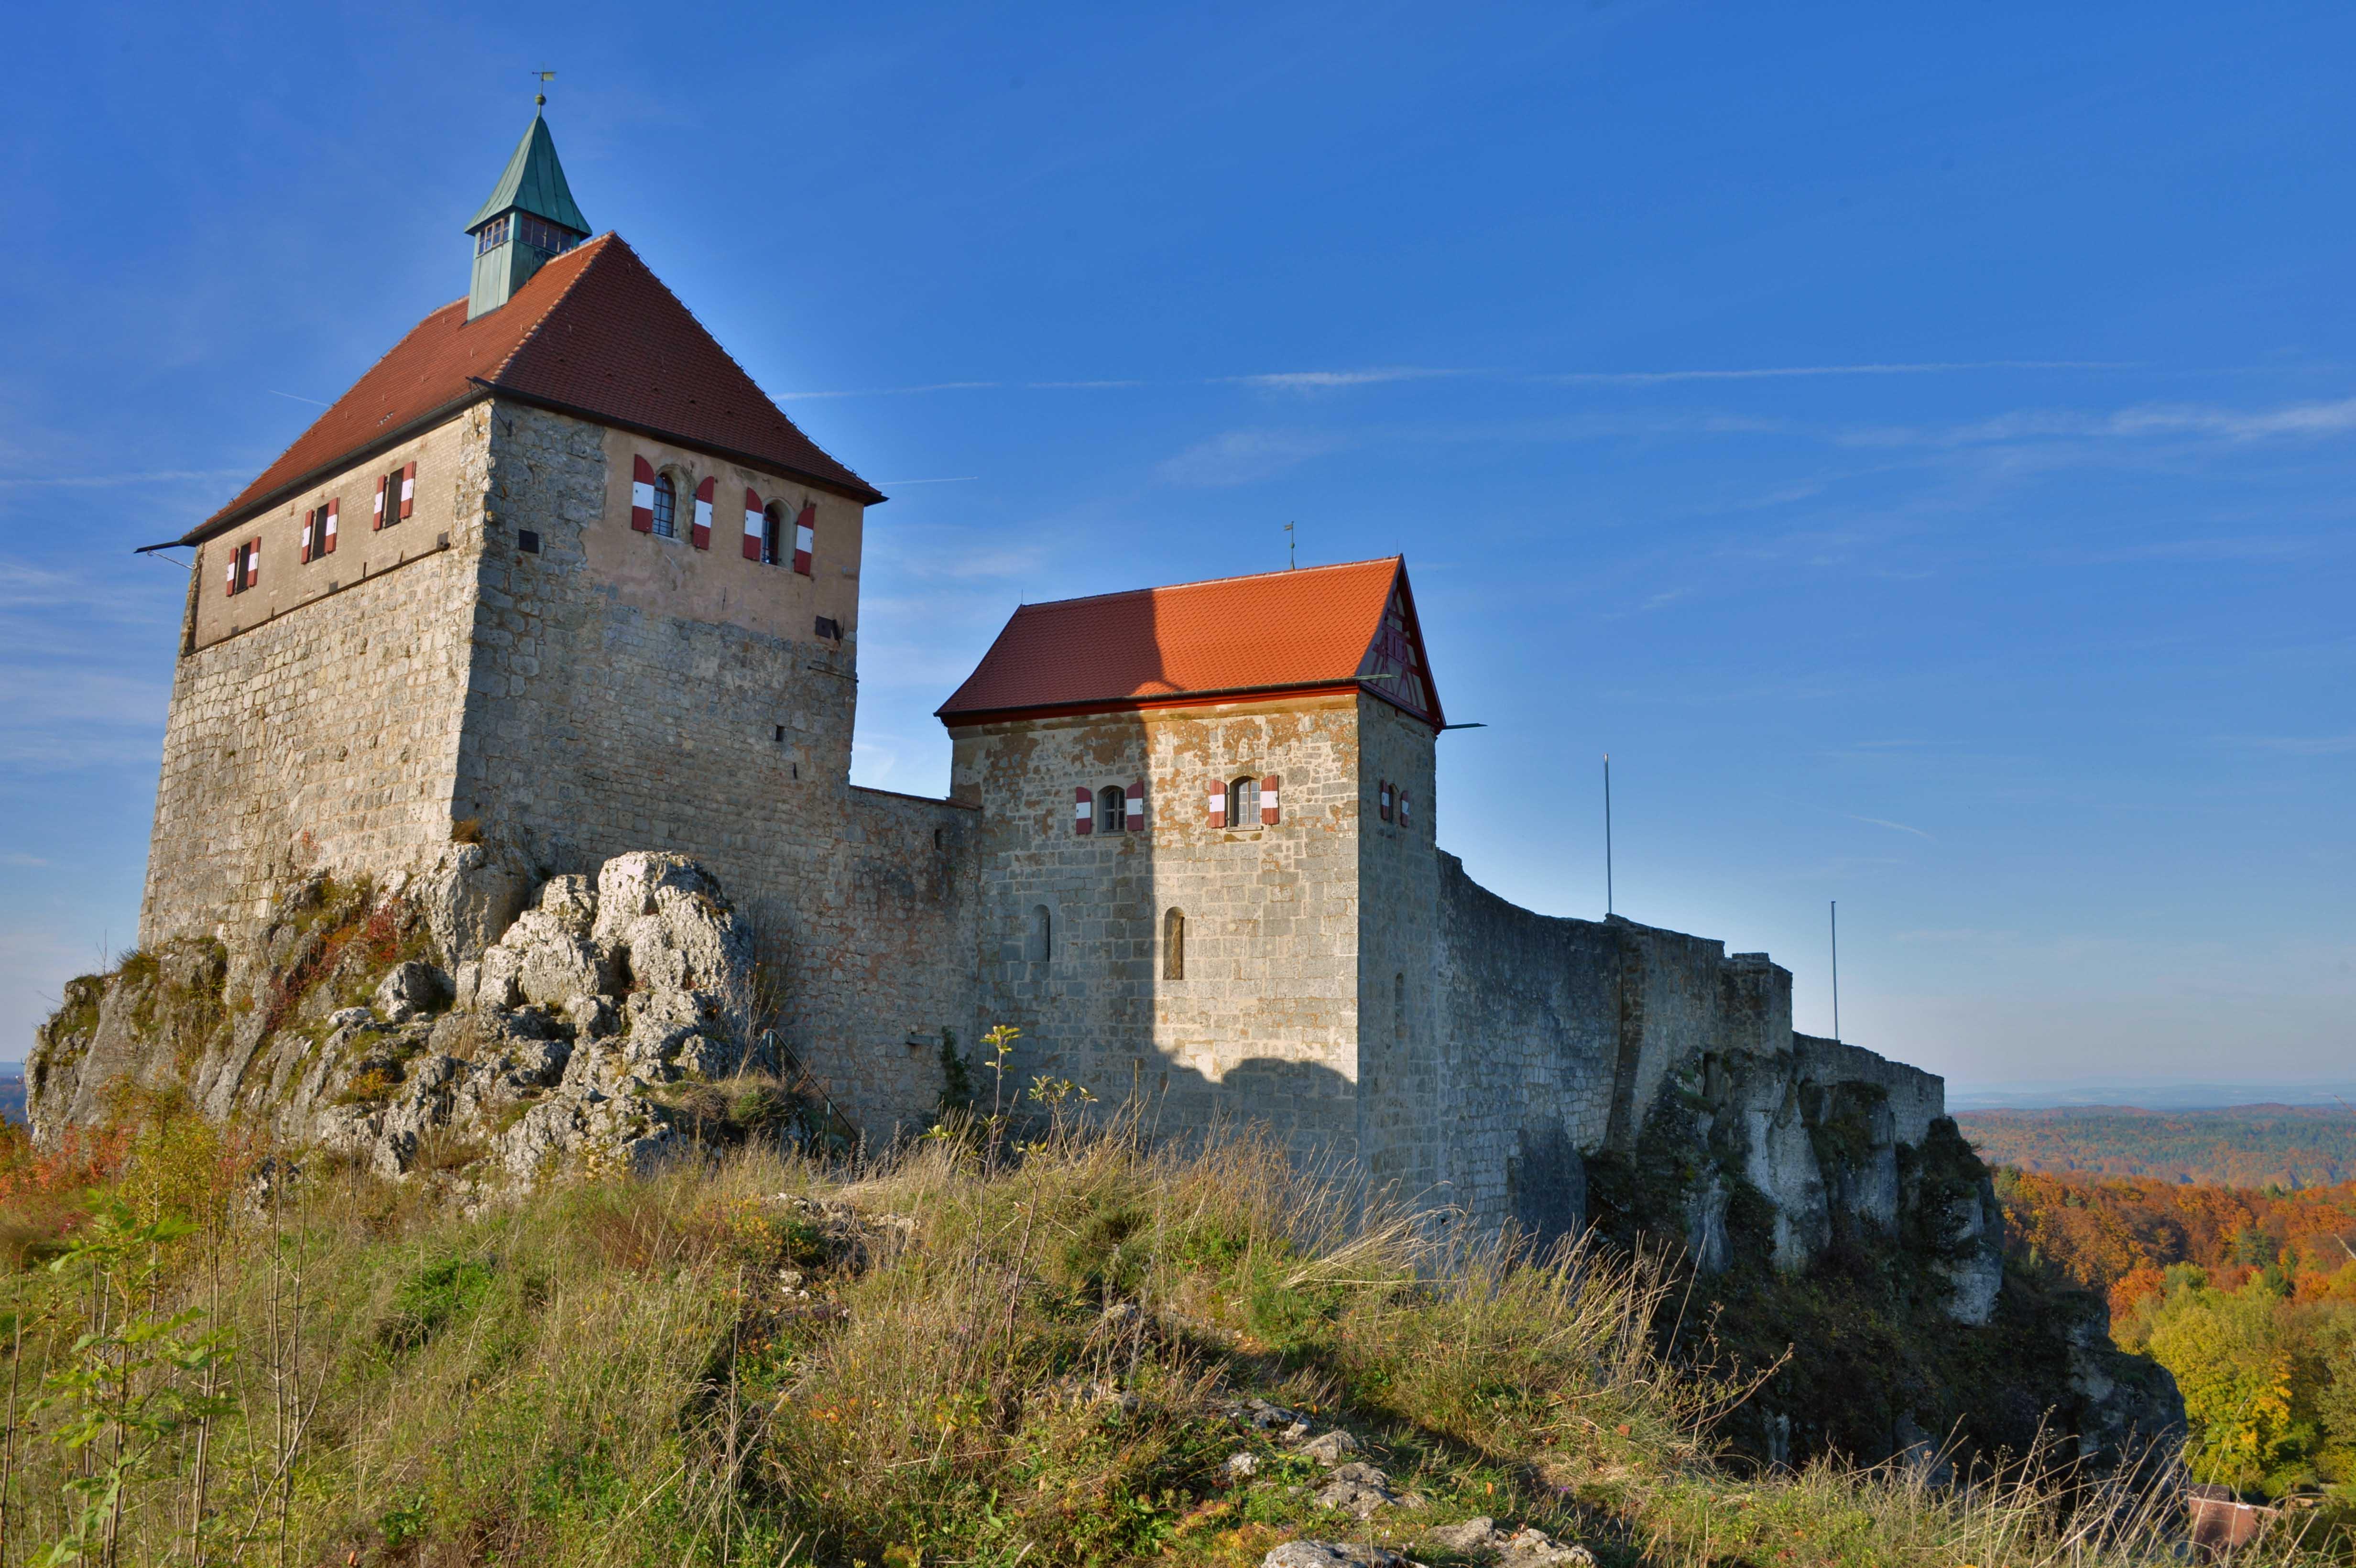 Hohenstein castle.